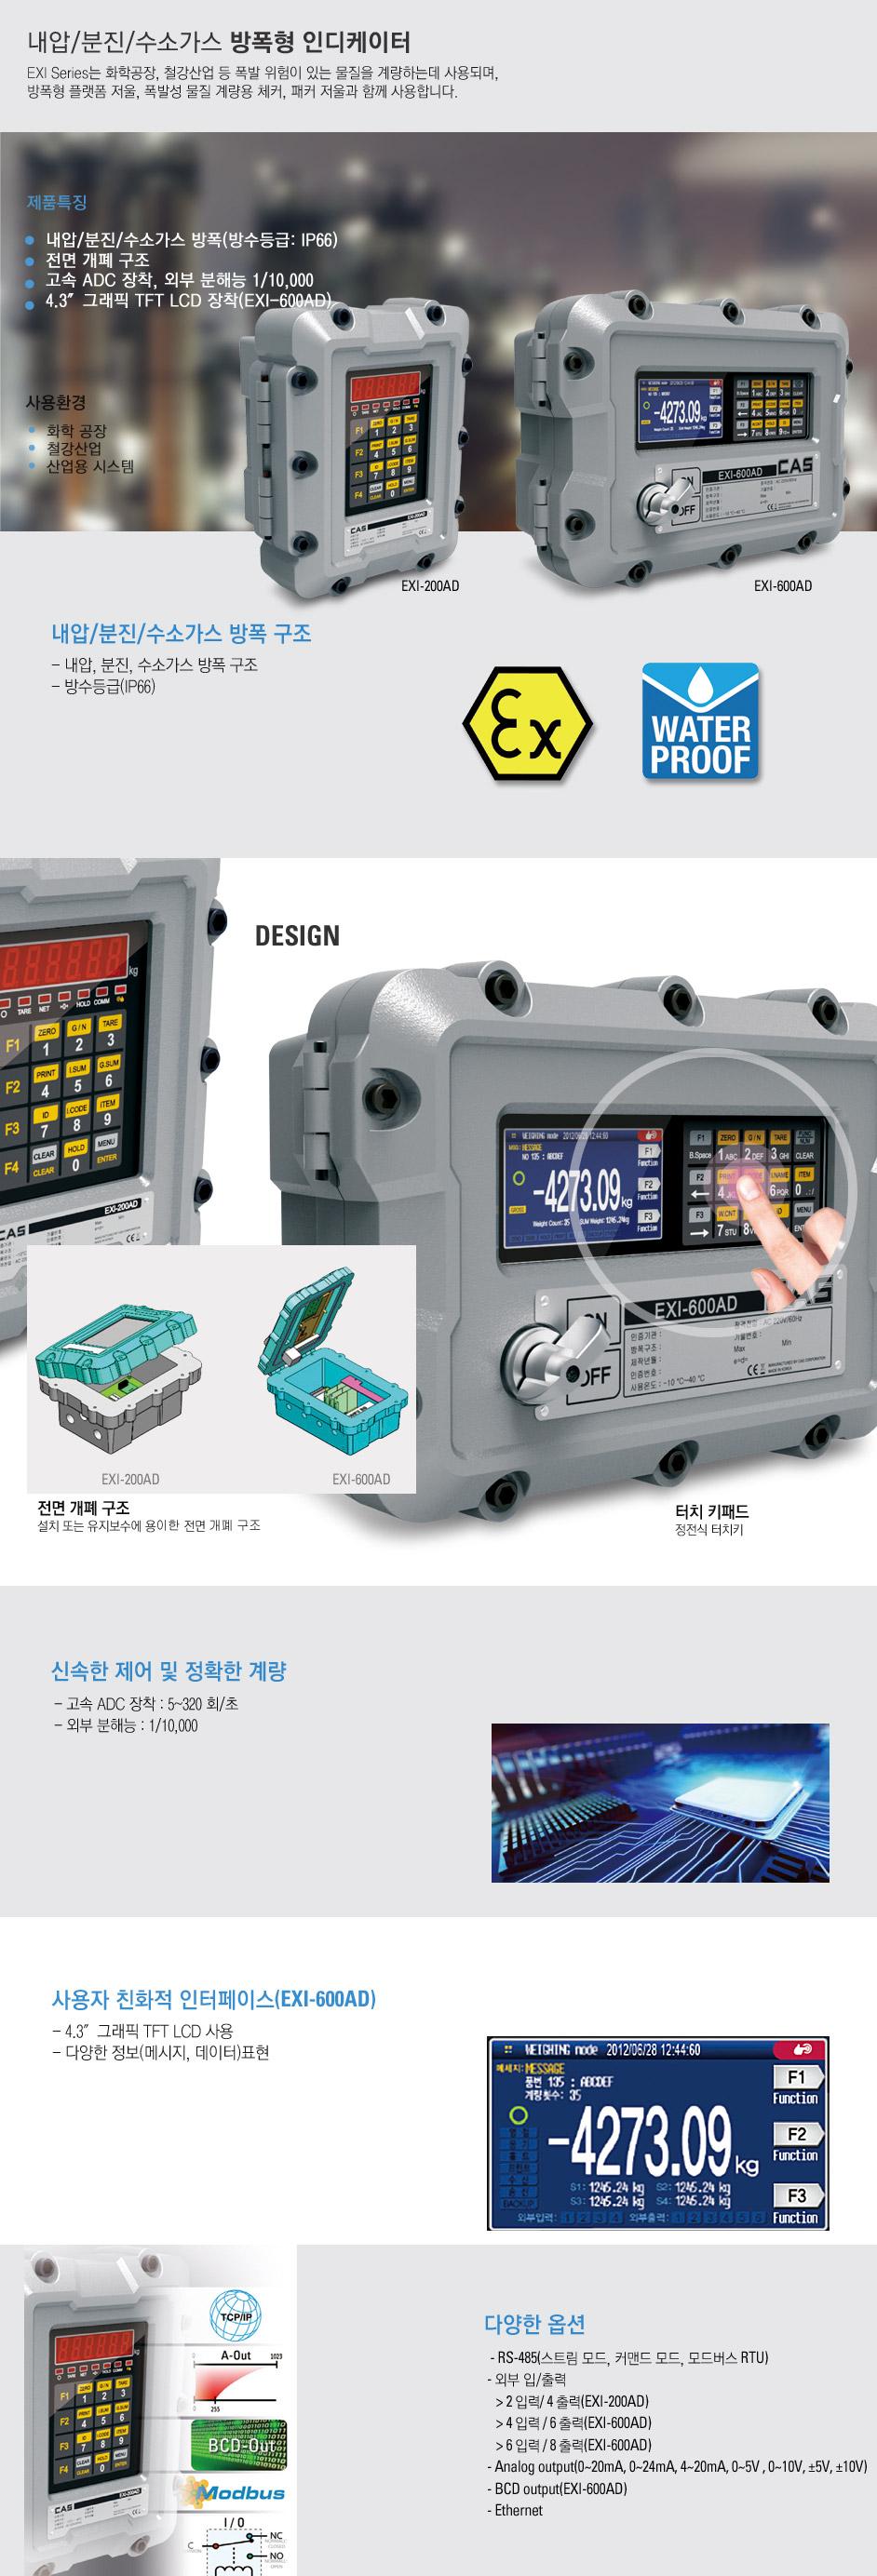 카스 방폭형인디케이터 EXI-200AD/600AD 3